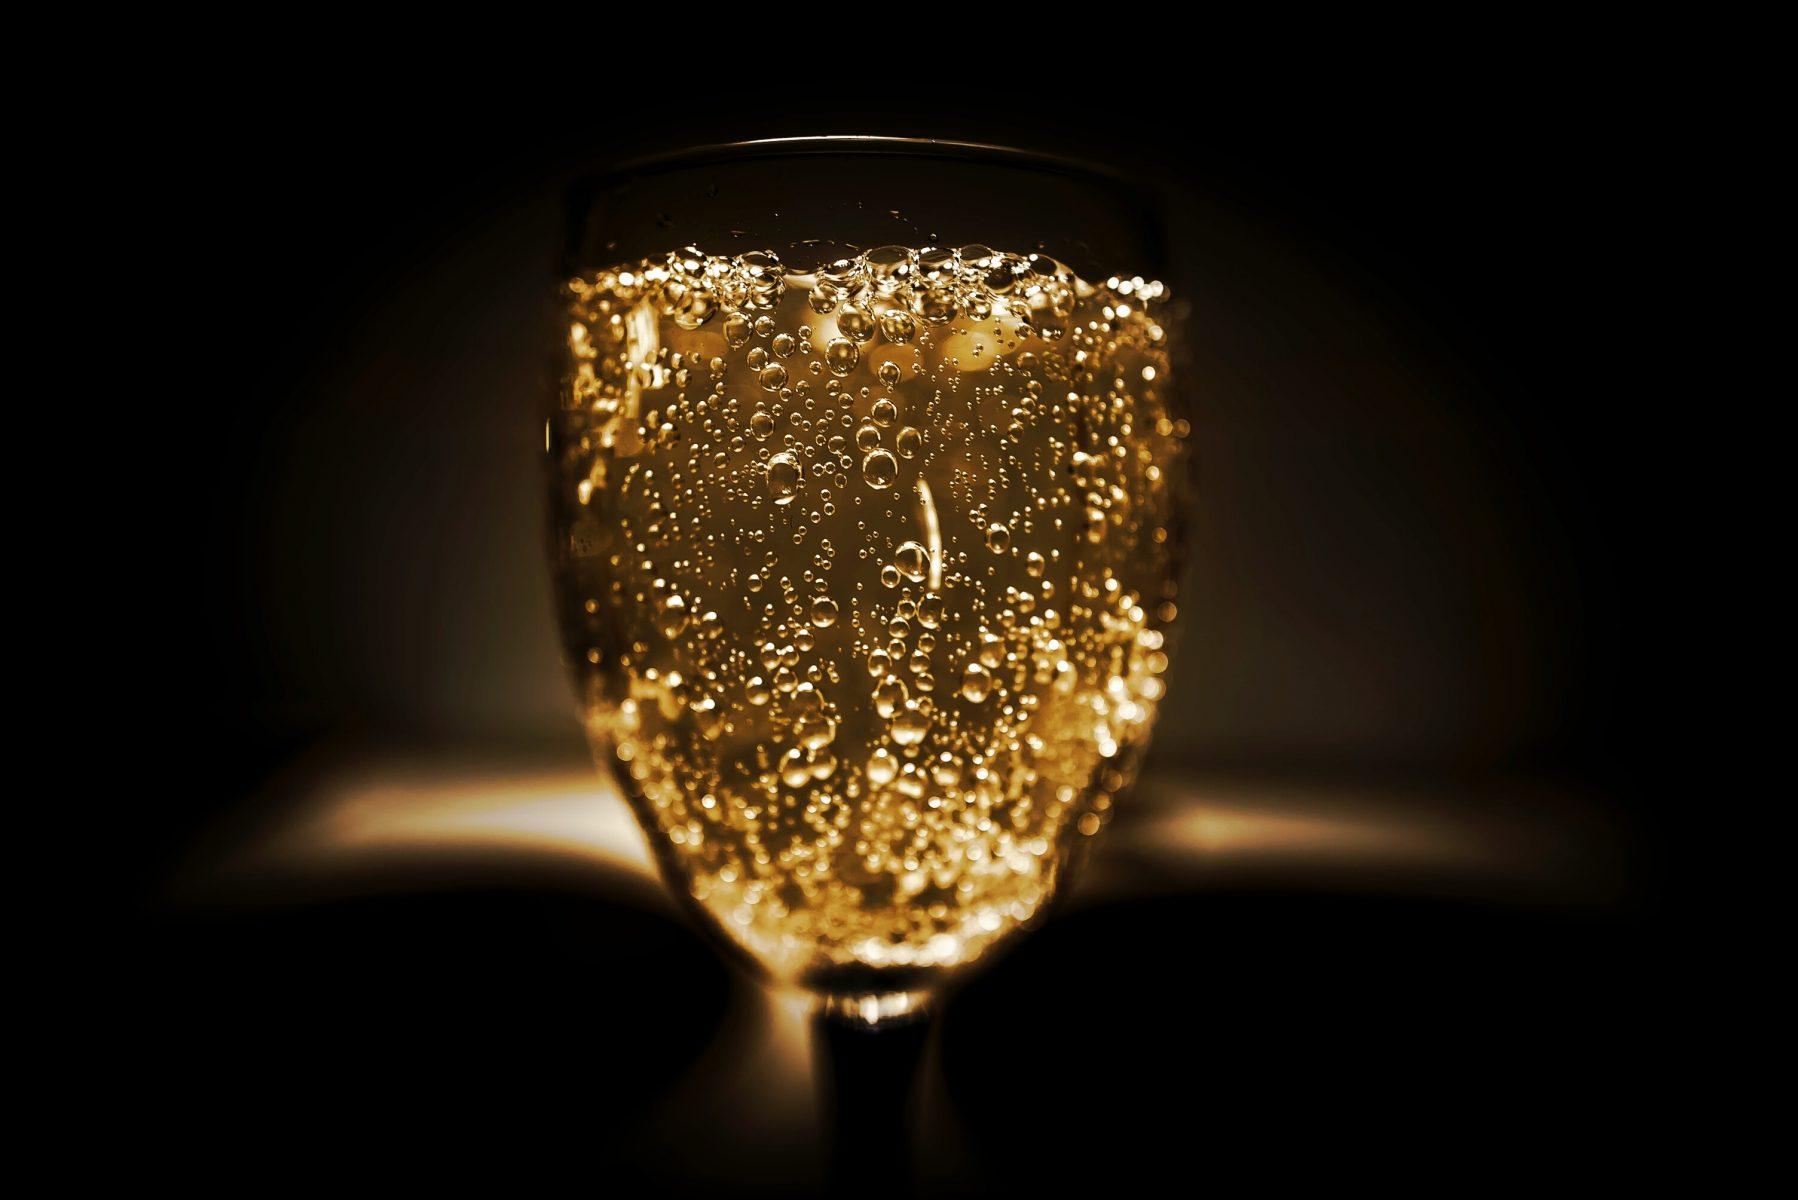 Espumante Champagne